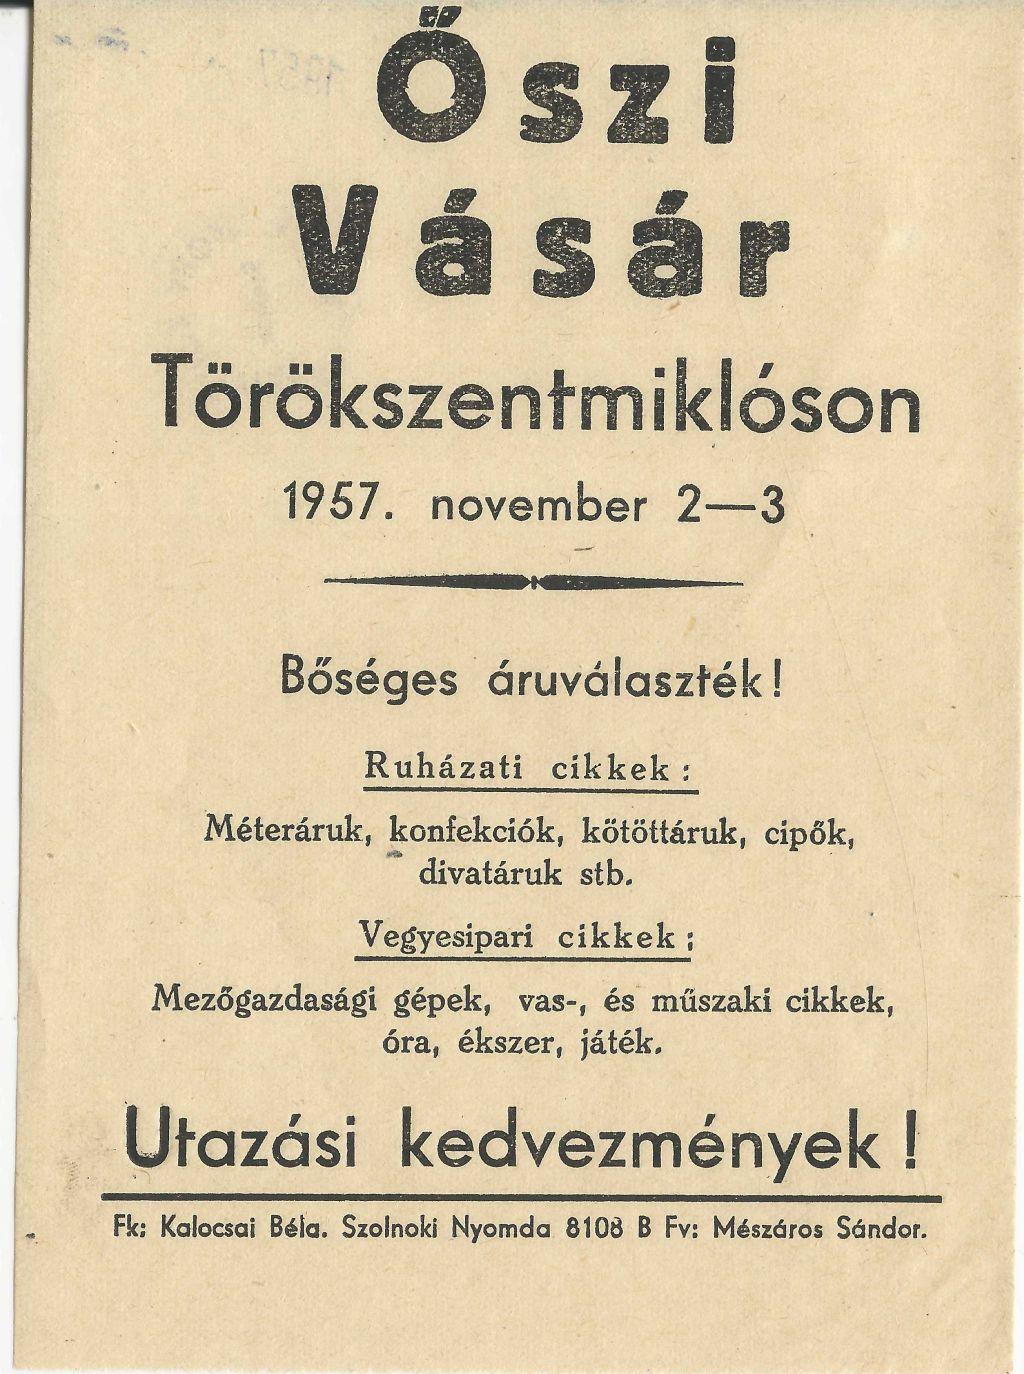 Őszi vásár Törökszentmiklóson 1957. november 2-3. között